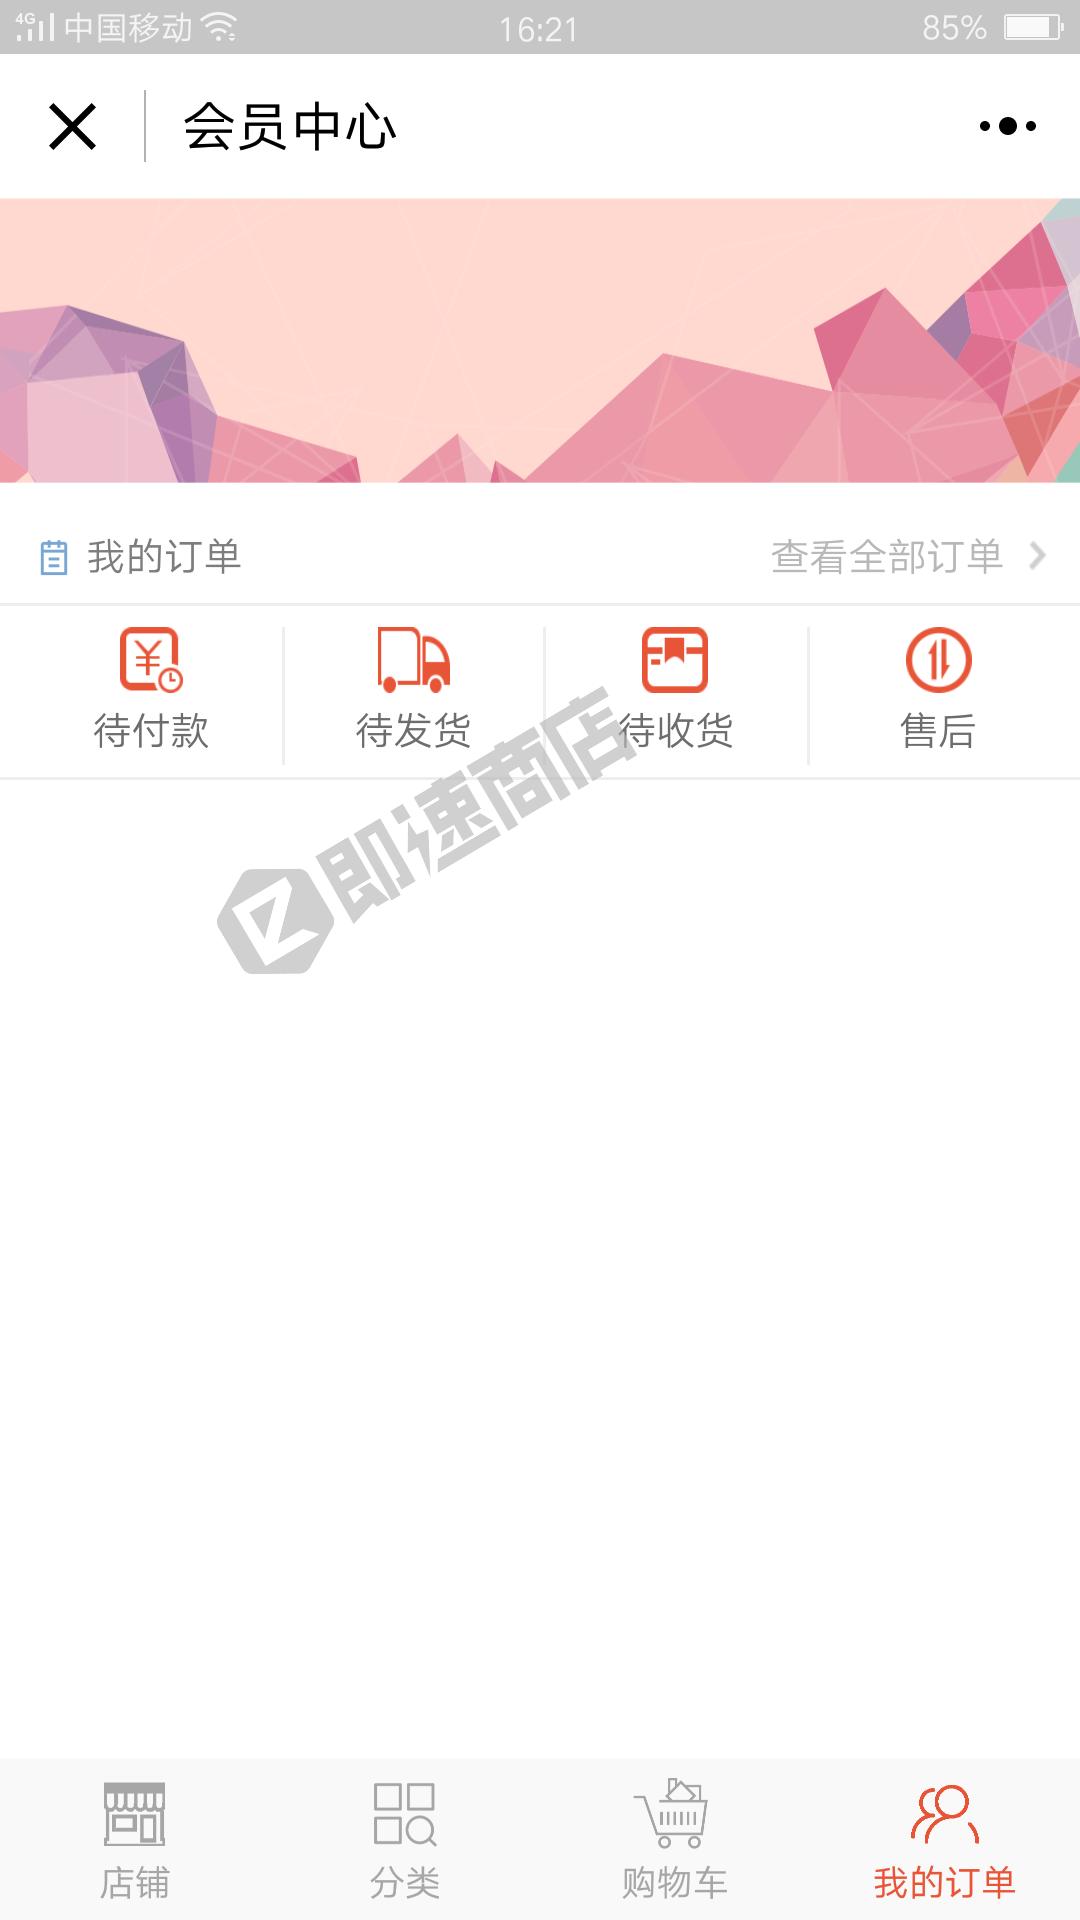 中医养生文化传播小程序详情页截图